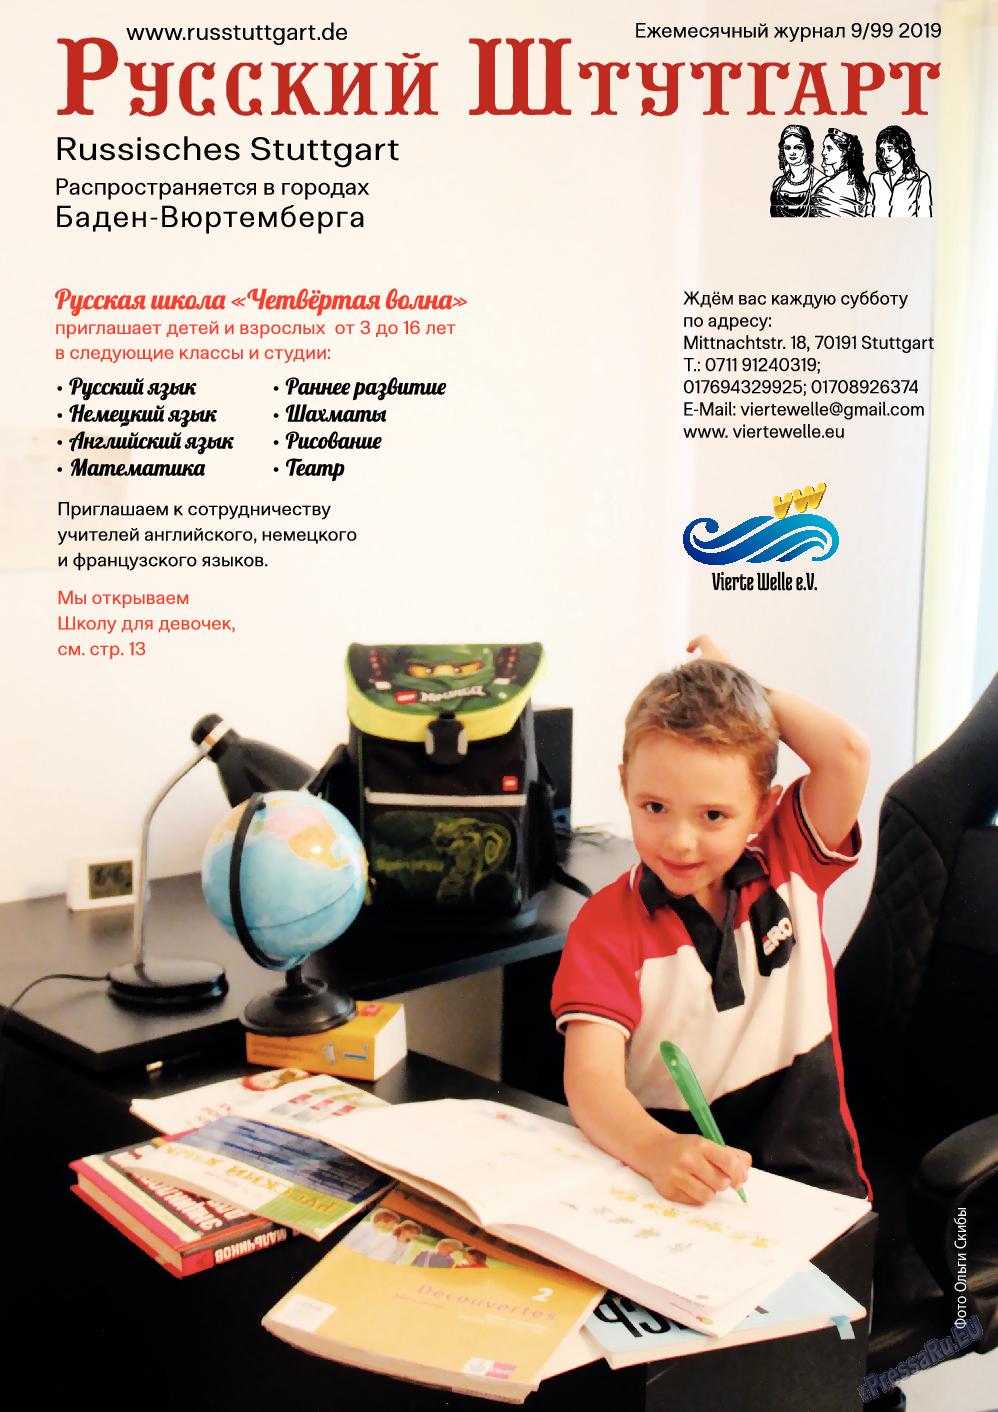 Русский Штутгарт (журнал). 2019 год, номер 99, стр. 1